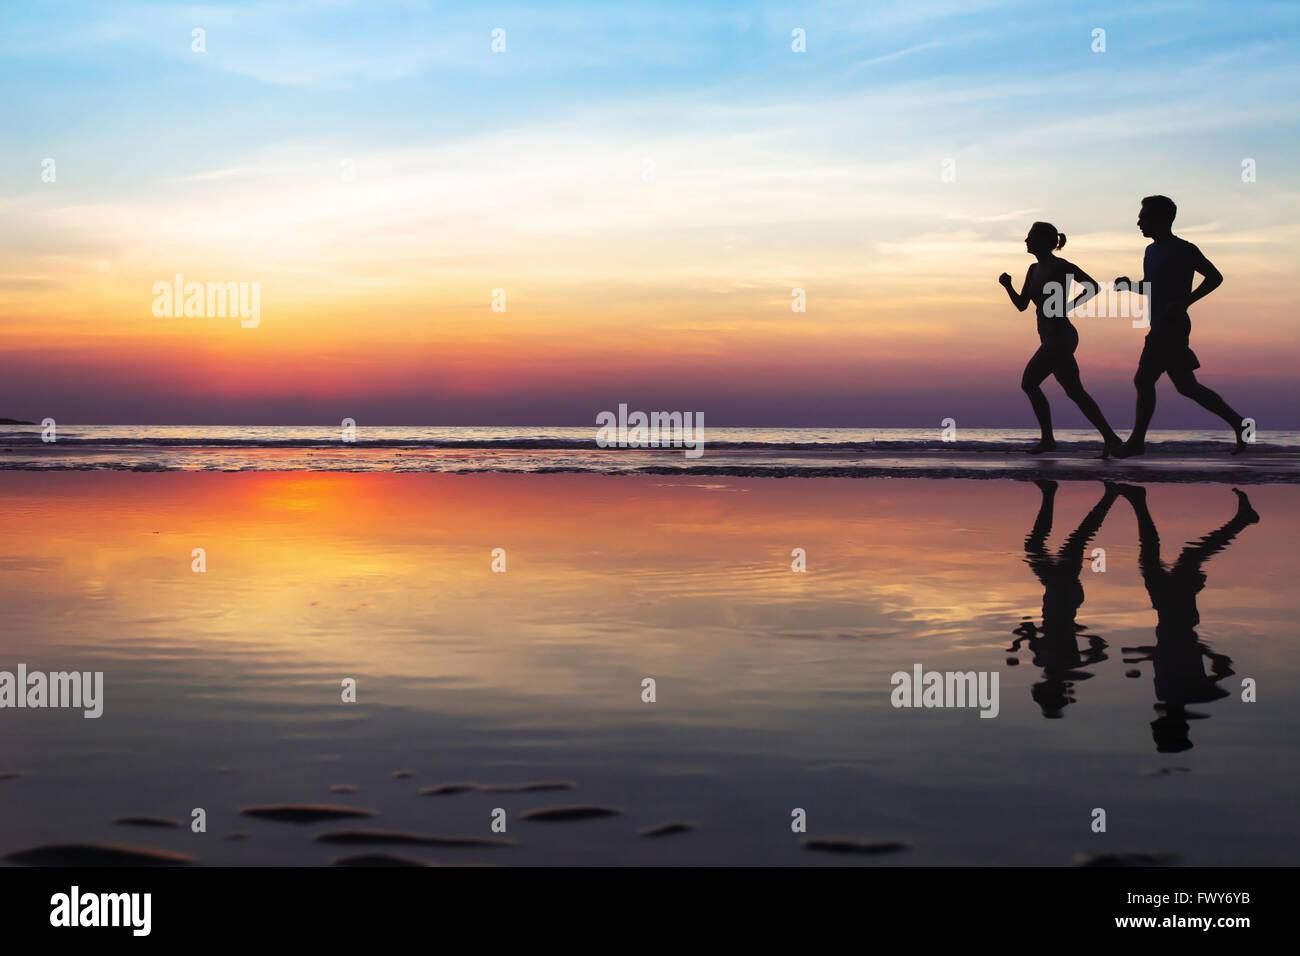 Due guide di scorrimento sulla spiaggia, silhouette di persone jogging al tramonto, uno stile di vita sano sfondo Immagini Stock